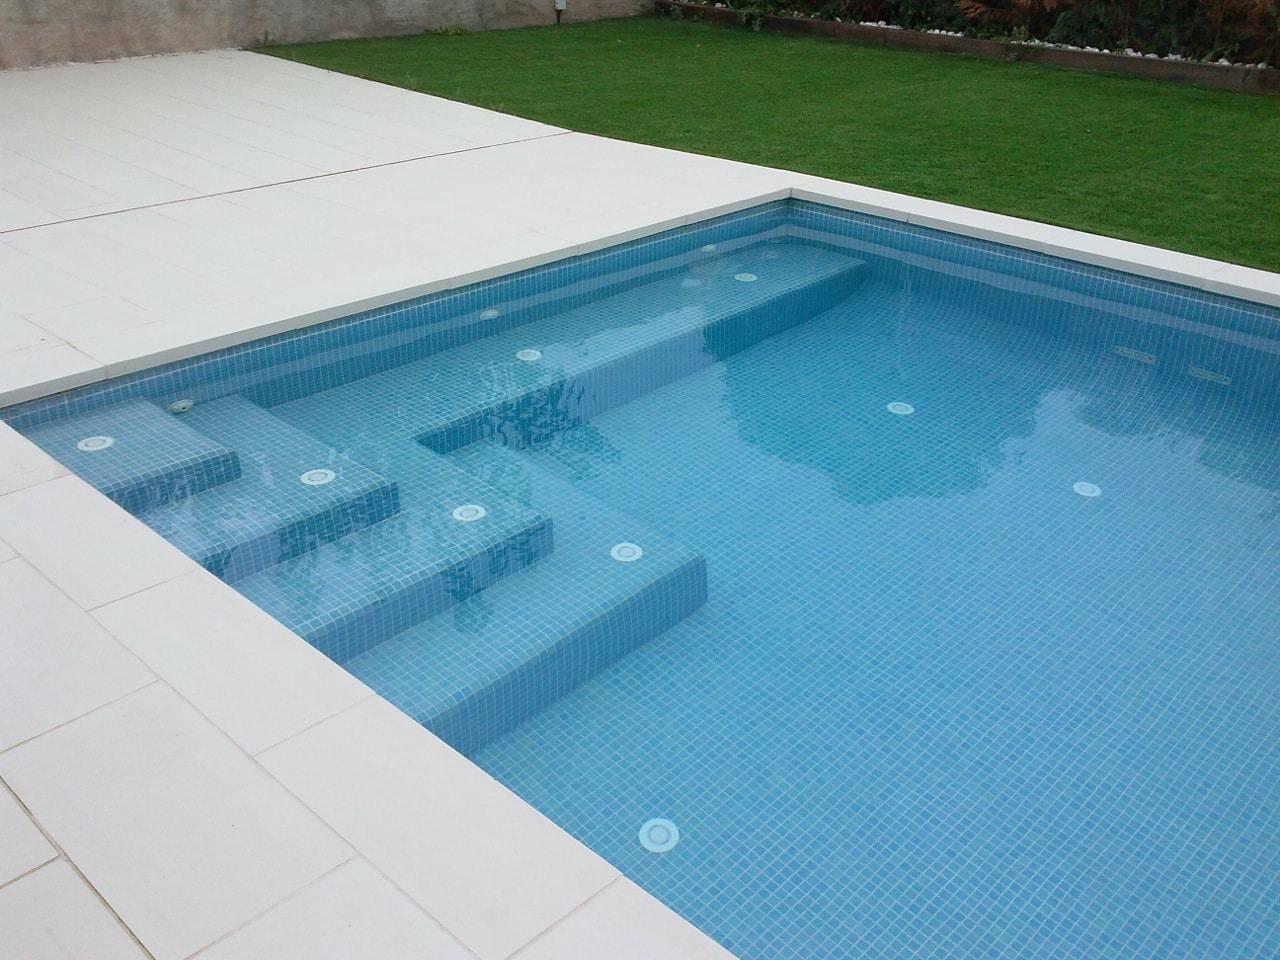 Como hacer piscina de cemento proyectado - Como construir piscina ...